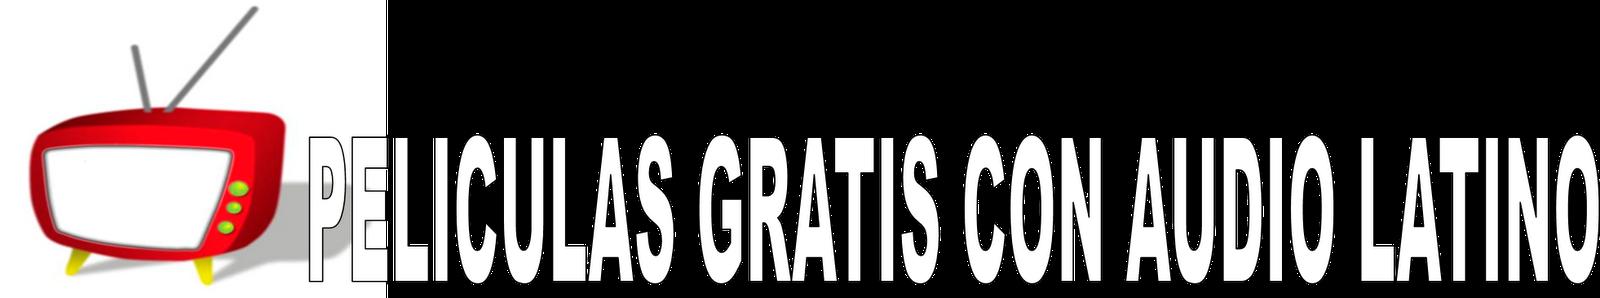 PELICULAS GRATIS ONLINE EN  AUDIO LATINO Y SUBTITULADAS